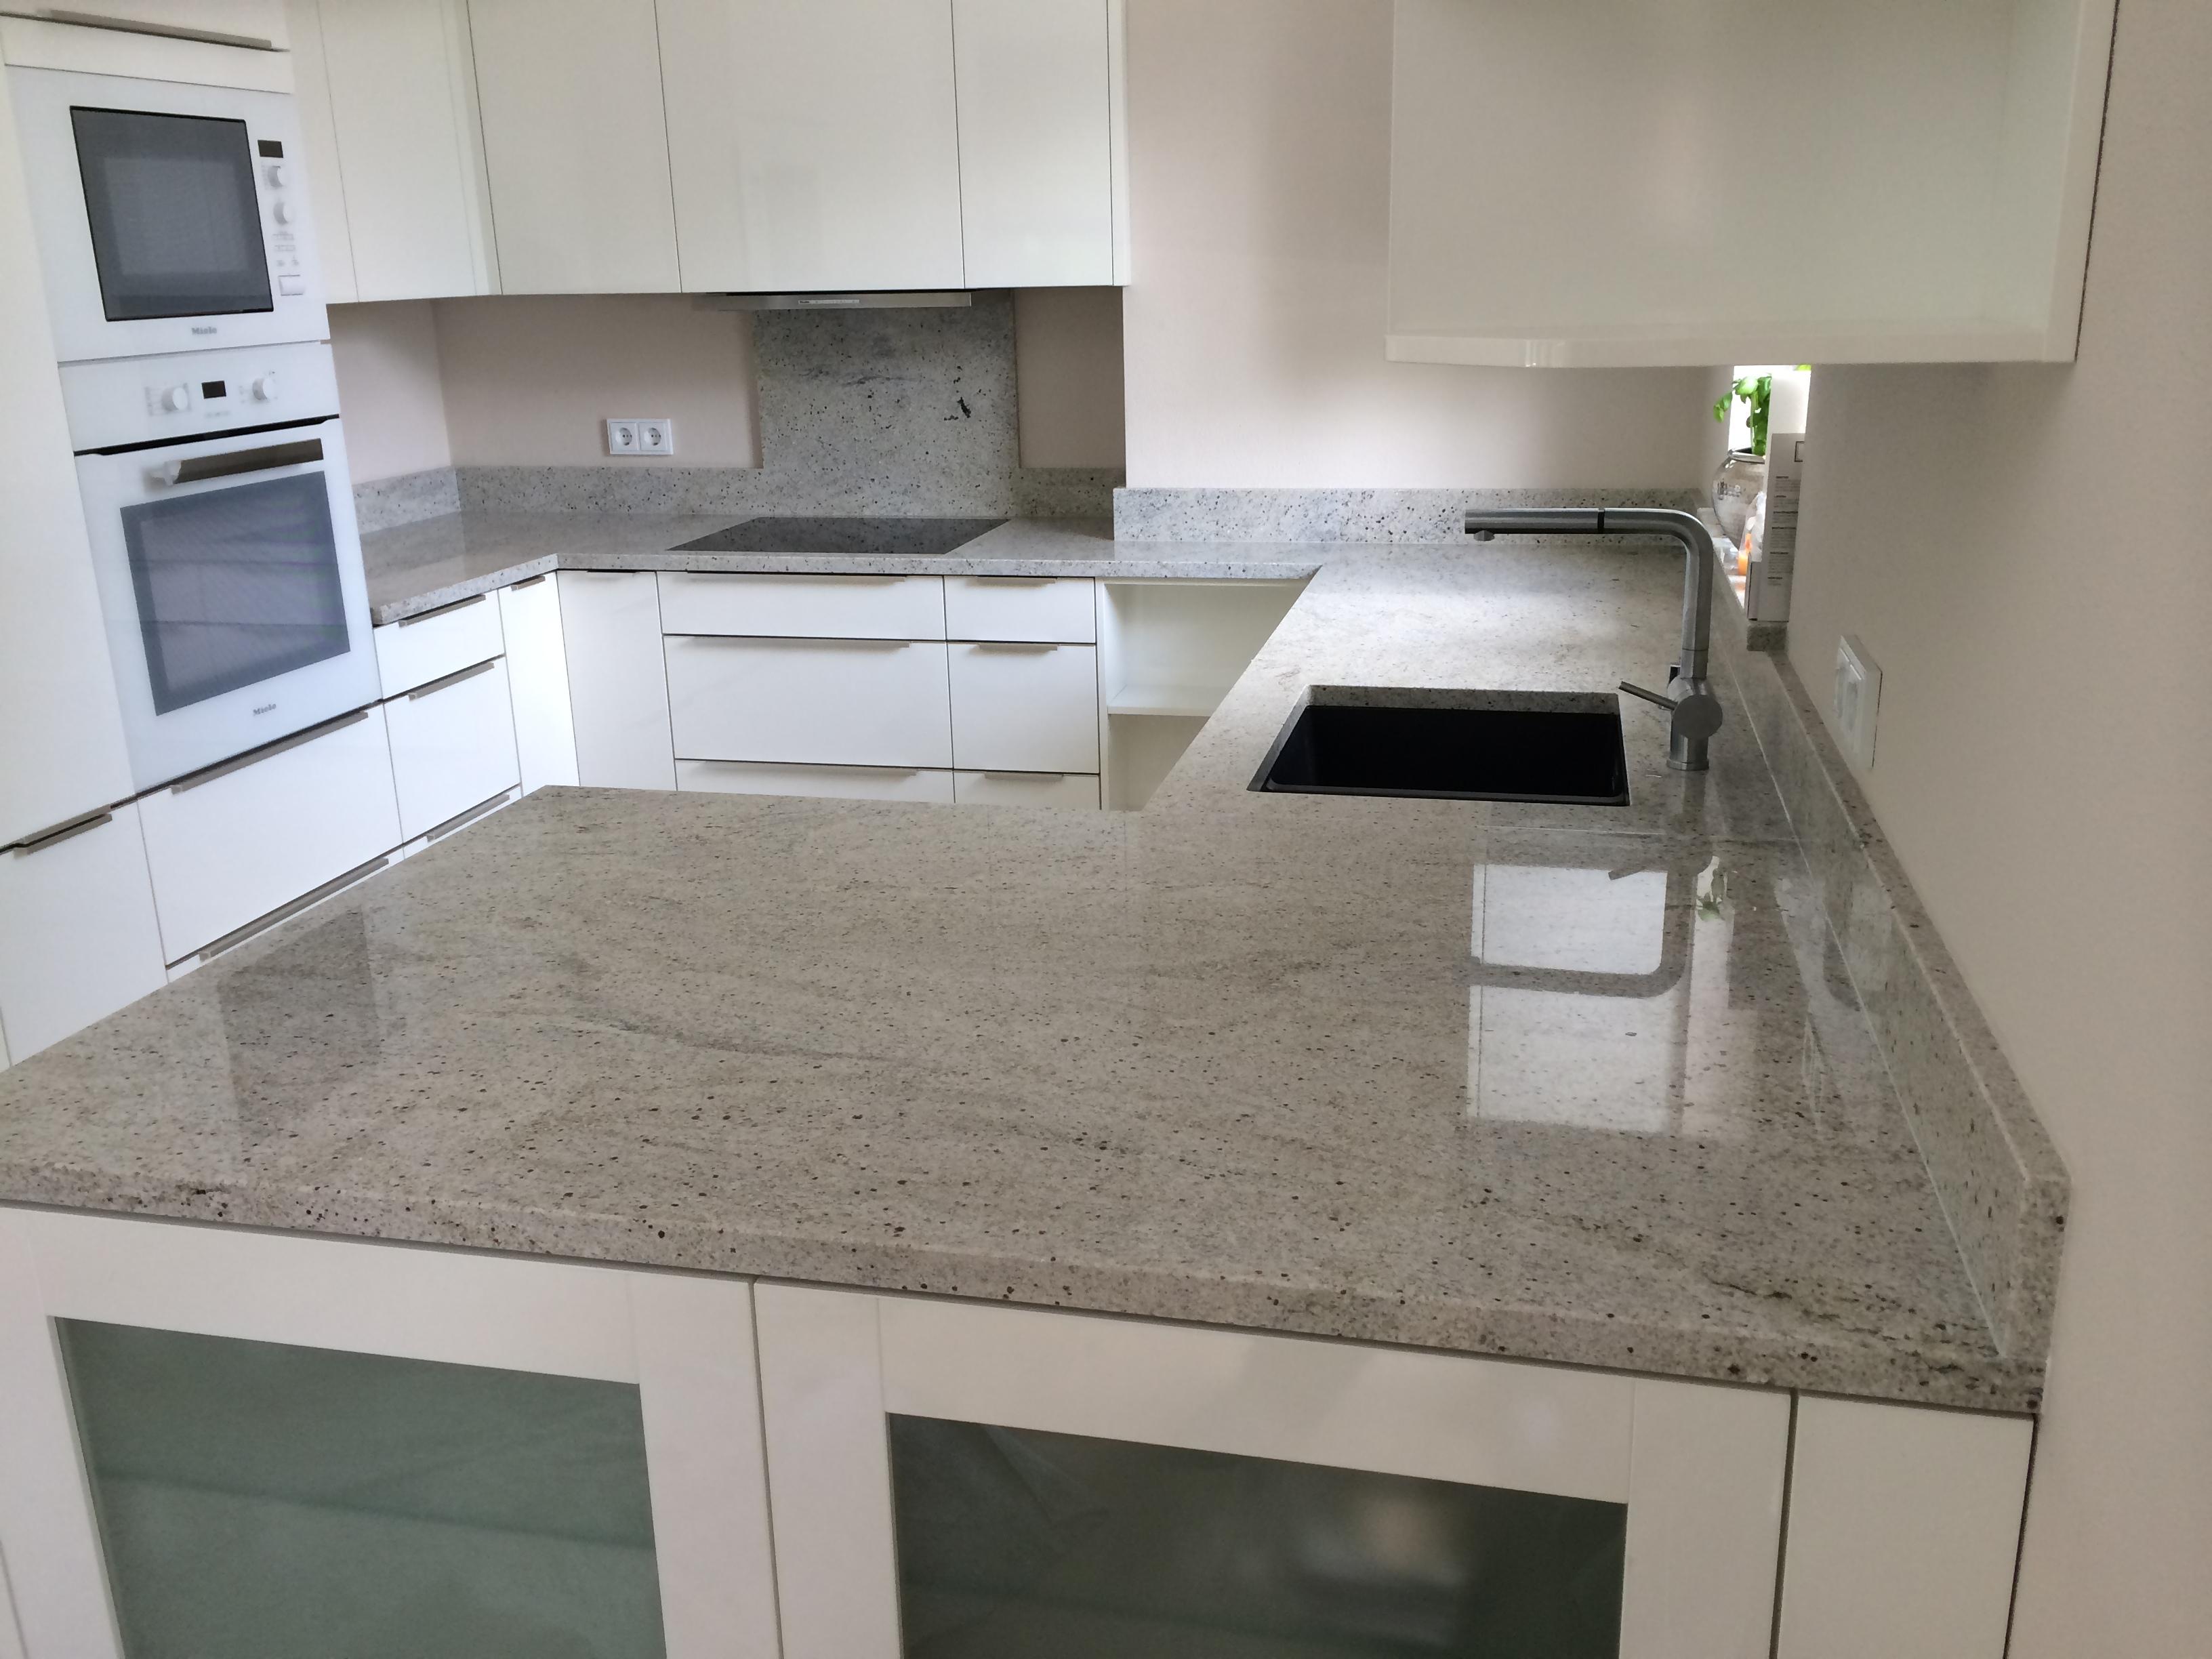 Arbeitsplatte und Küchenplatten aus Granit